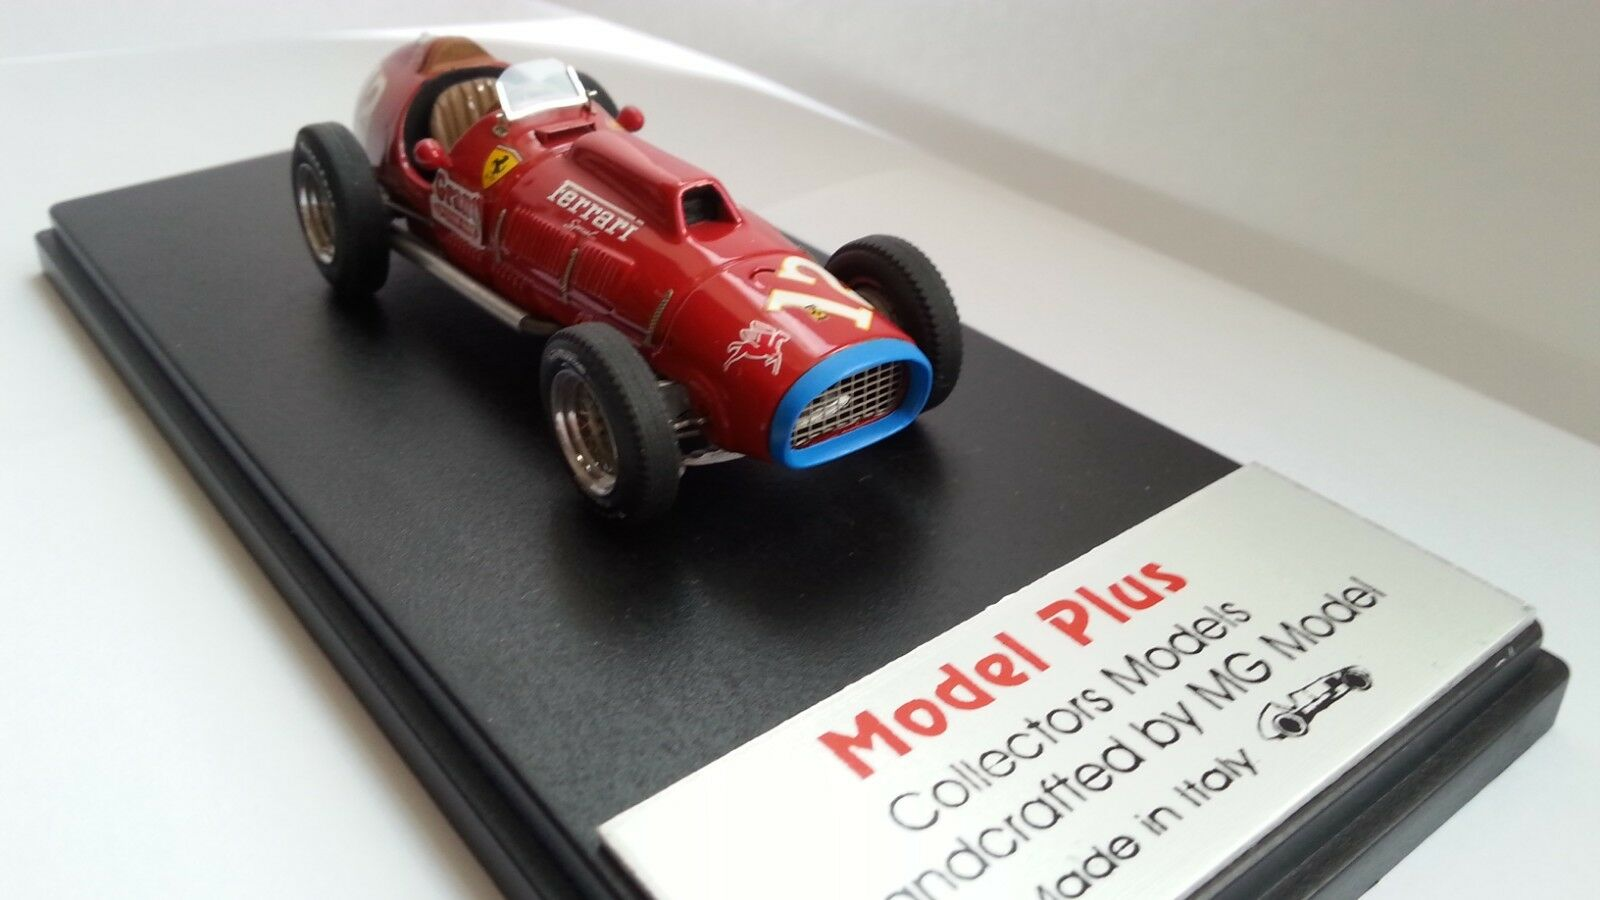 Ferrari MG modelo Plus 375 Indy Ascari 1952 Raro 1 43 fábrica de Resina modelo construido